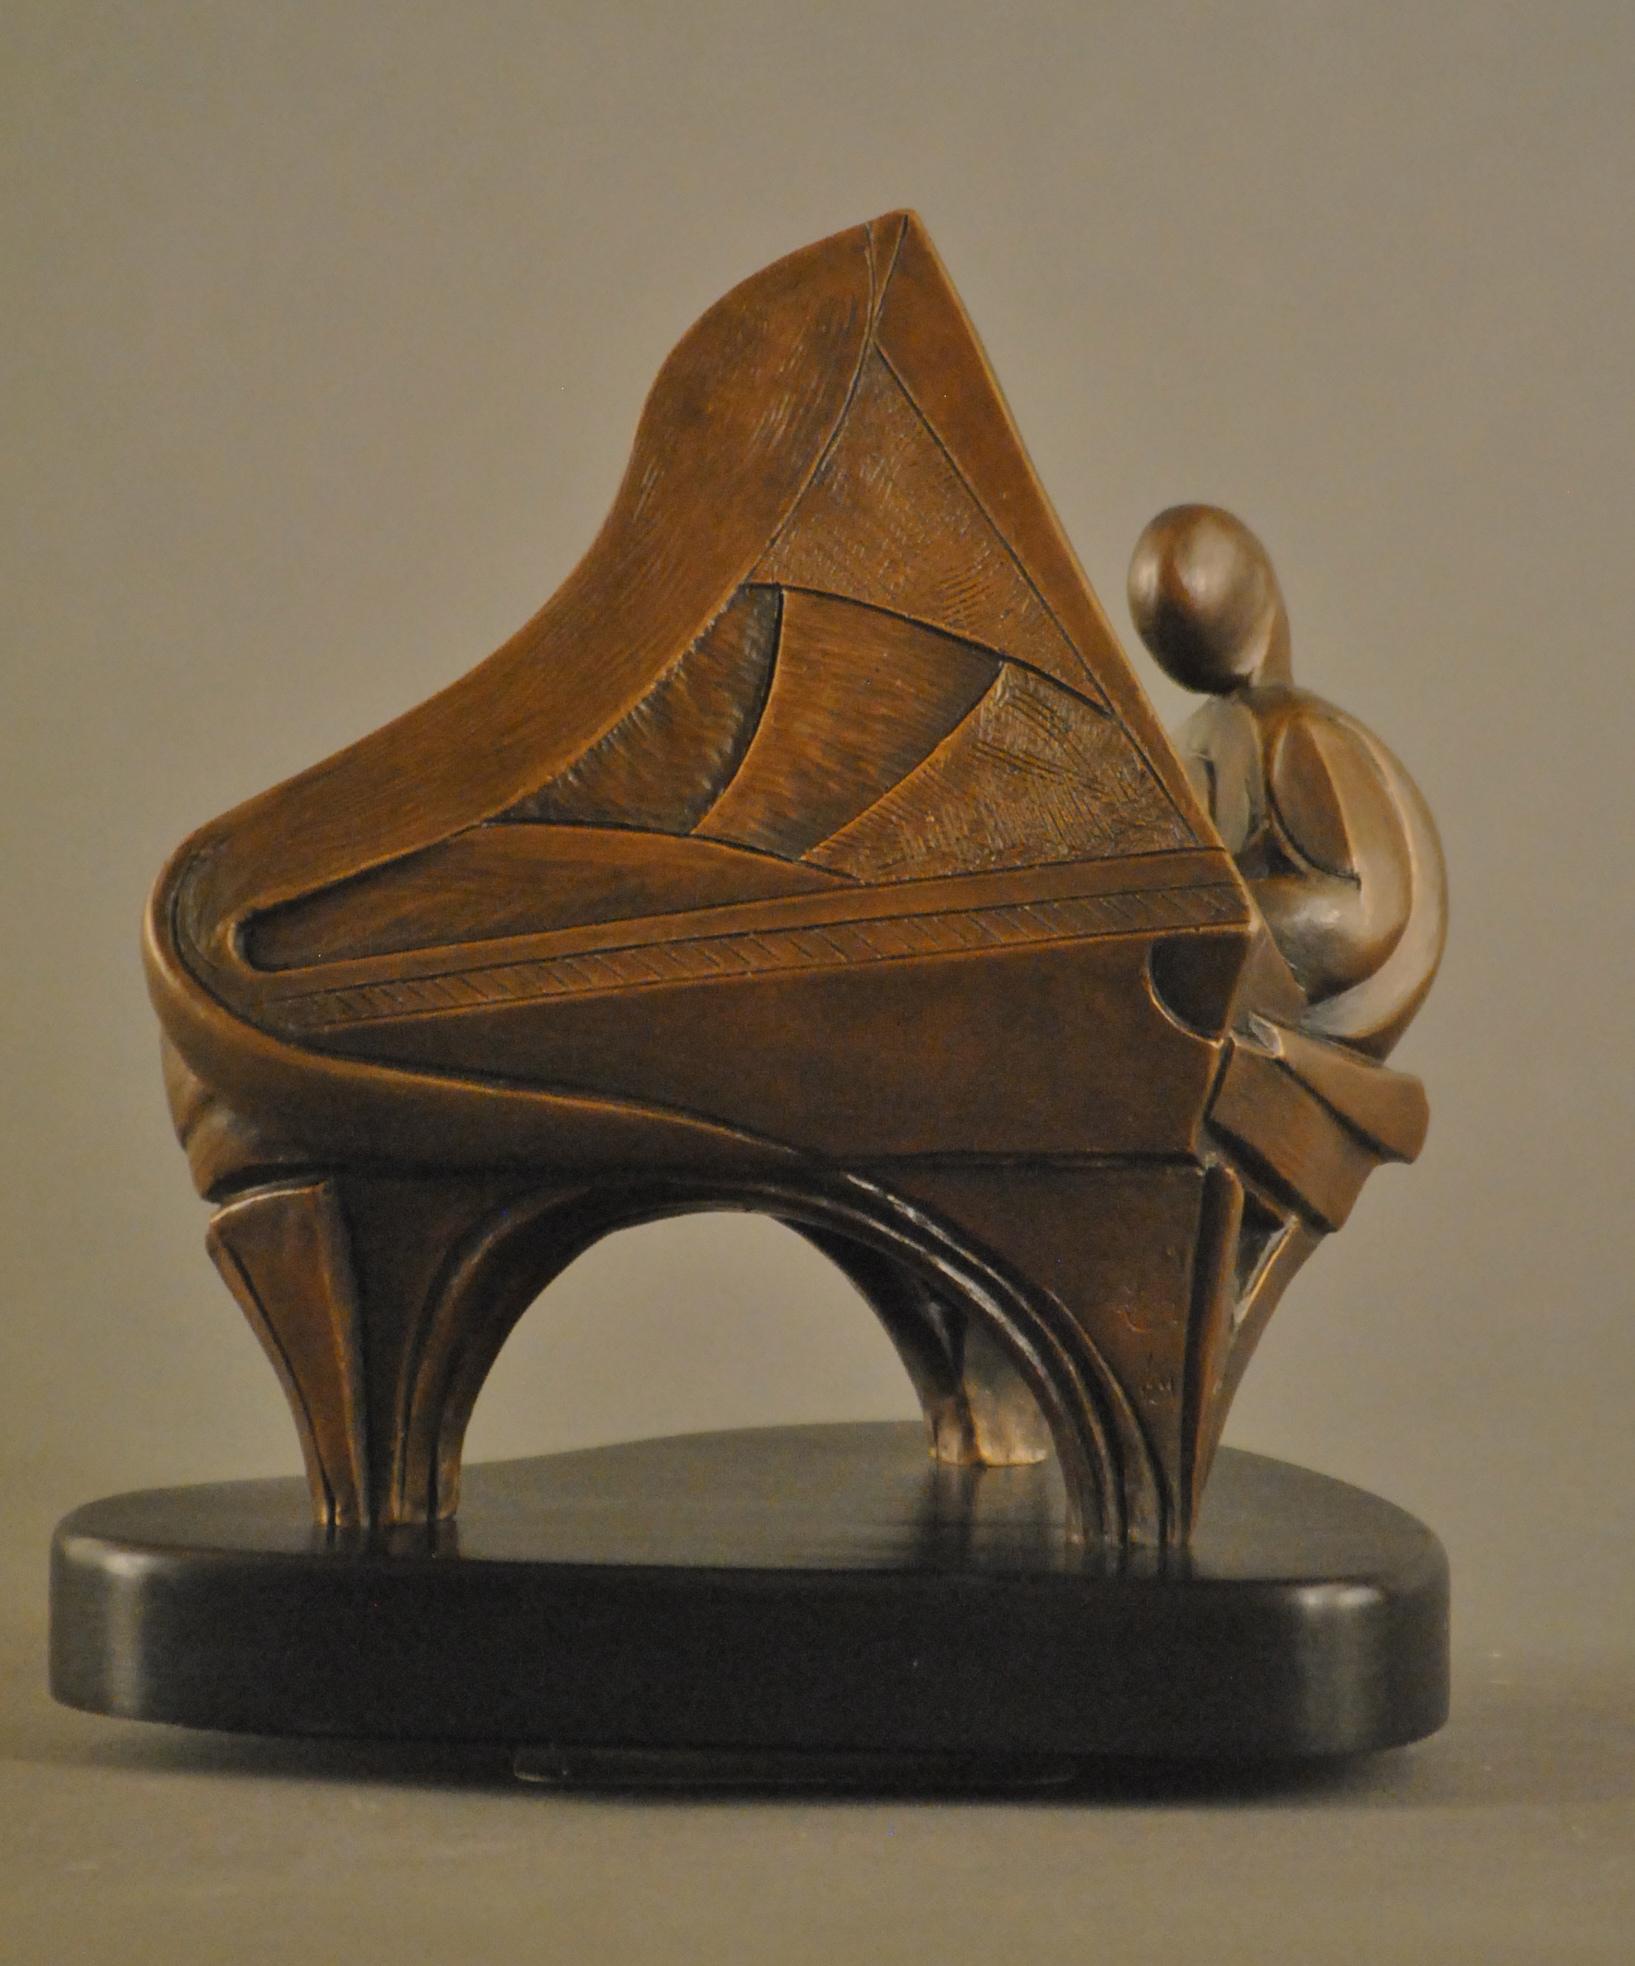 Piano Rhapsody in 3D